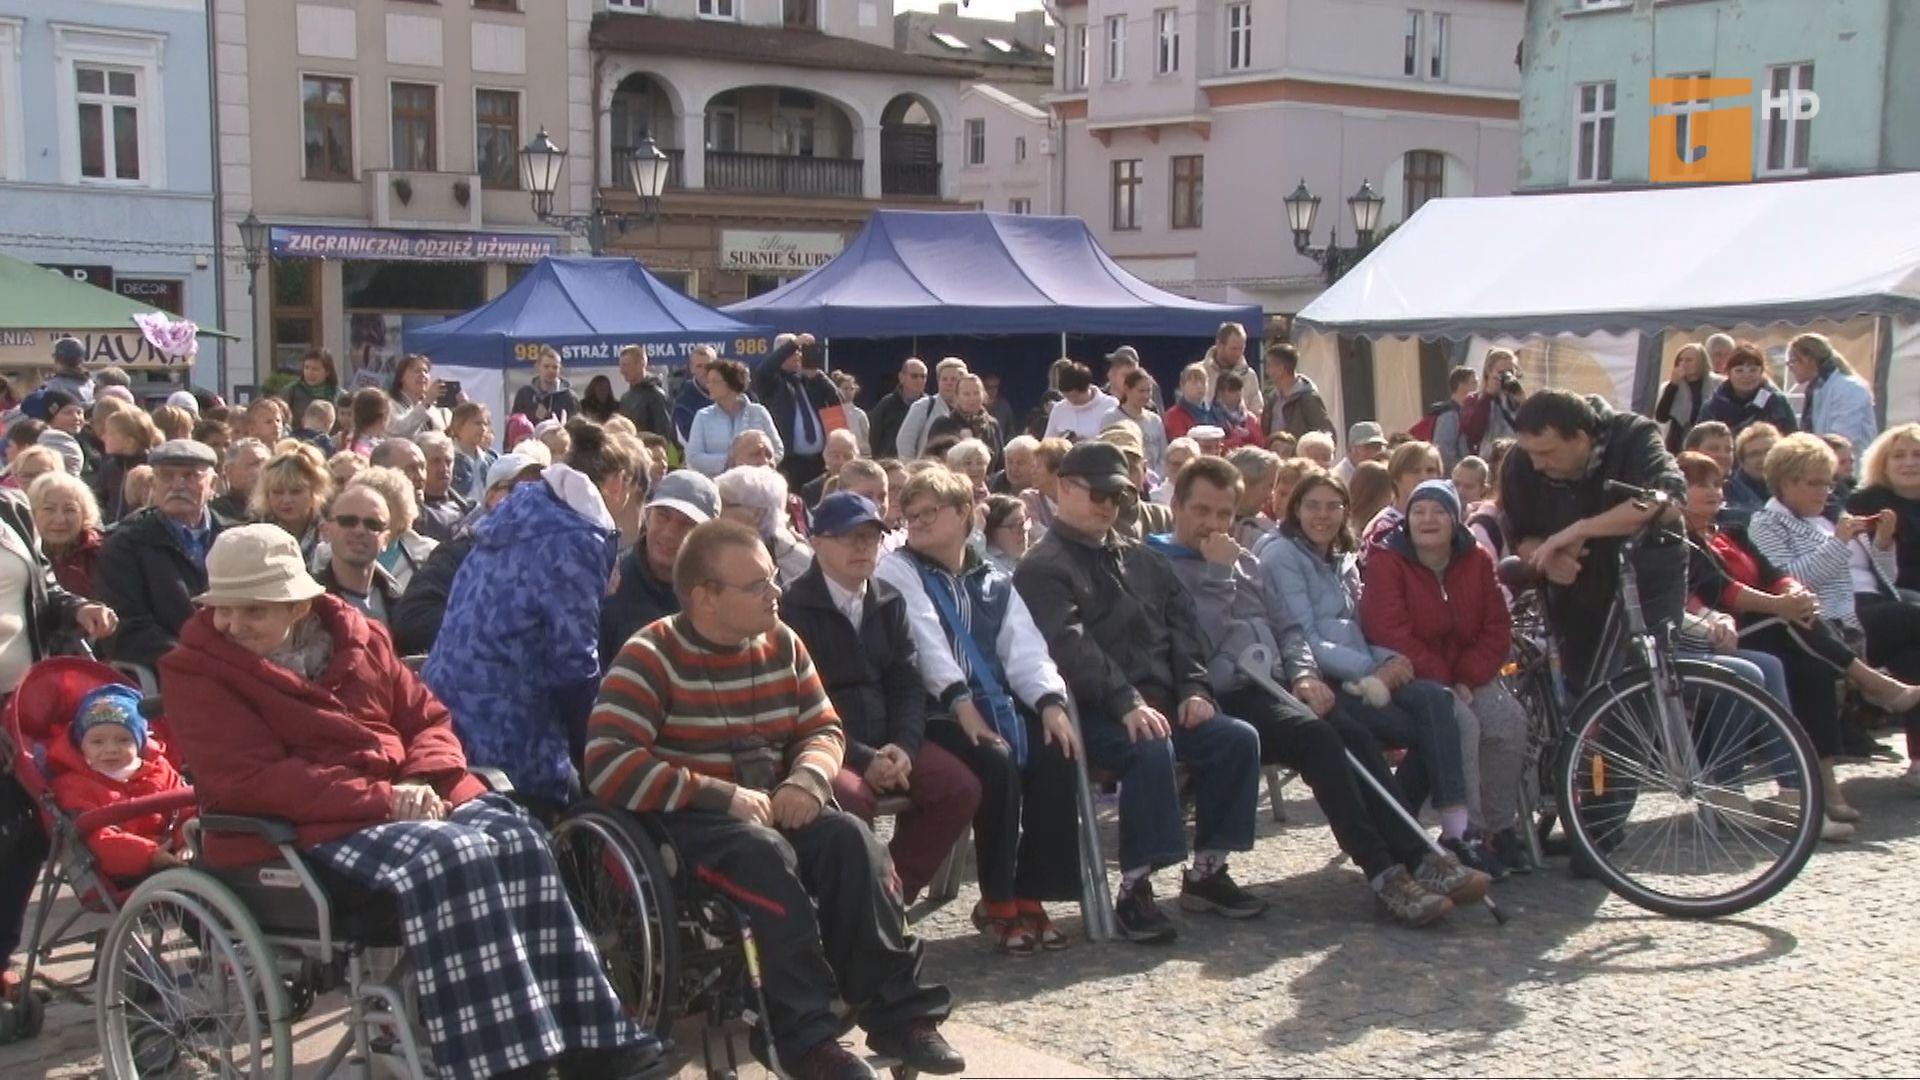 """Festyn Przyjaźni """"Tacy sami"""" zgromadził wielu tczewian, którzy wspólnie bawili się z osobami niepełnosprawnymi"""